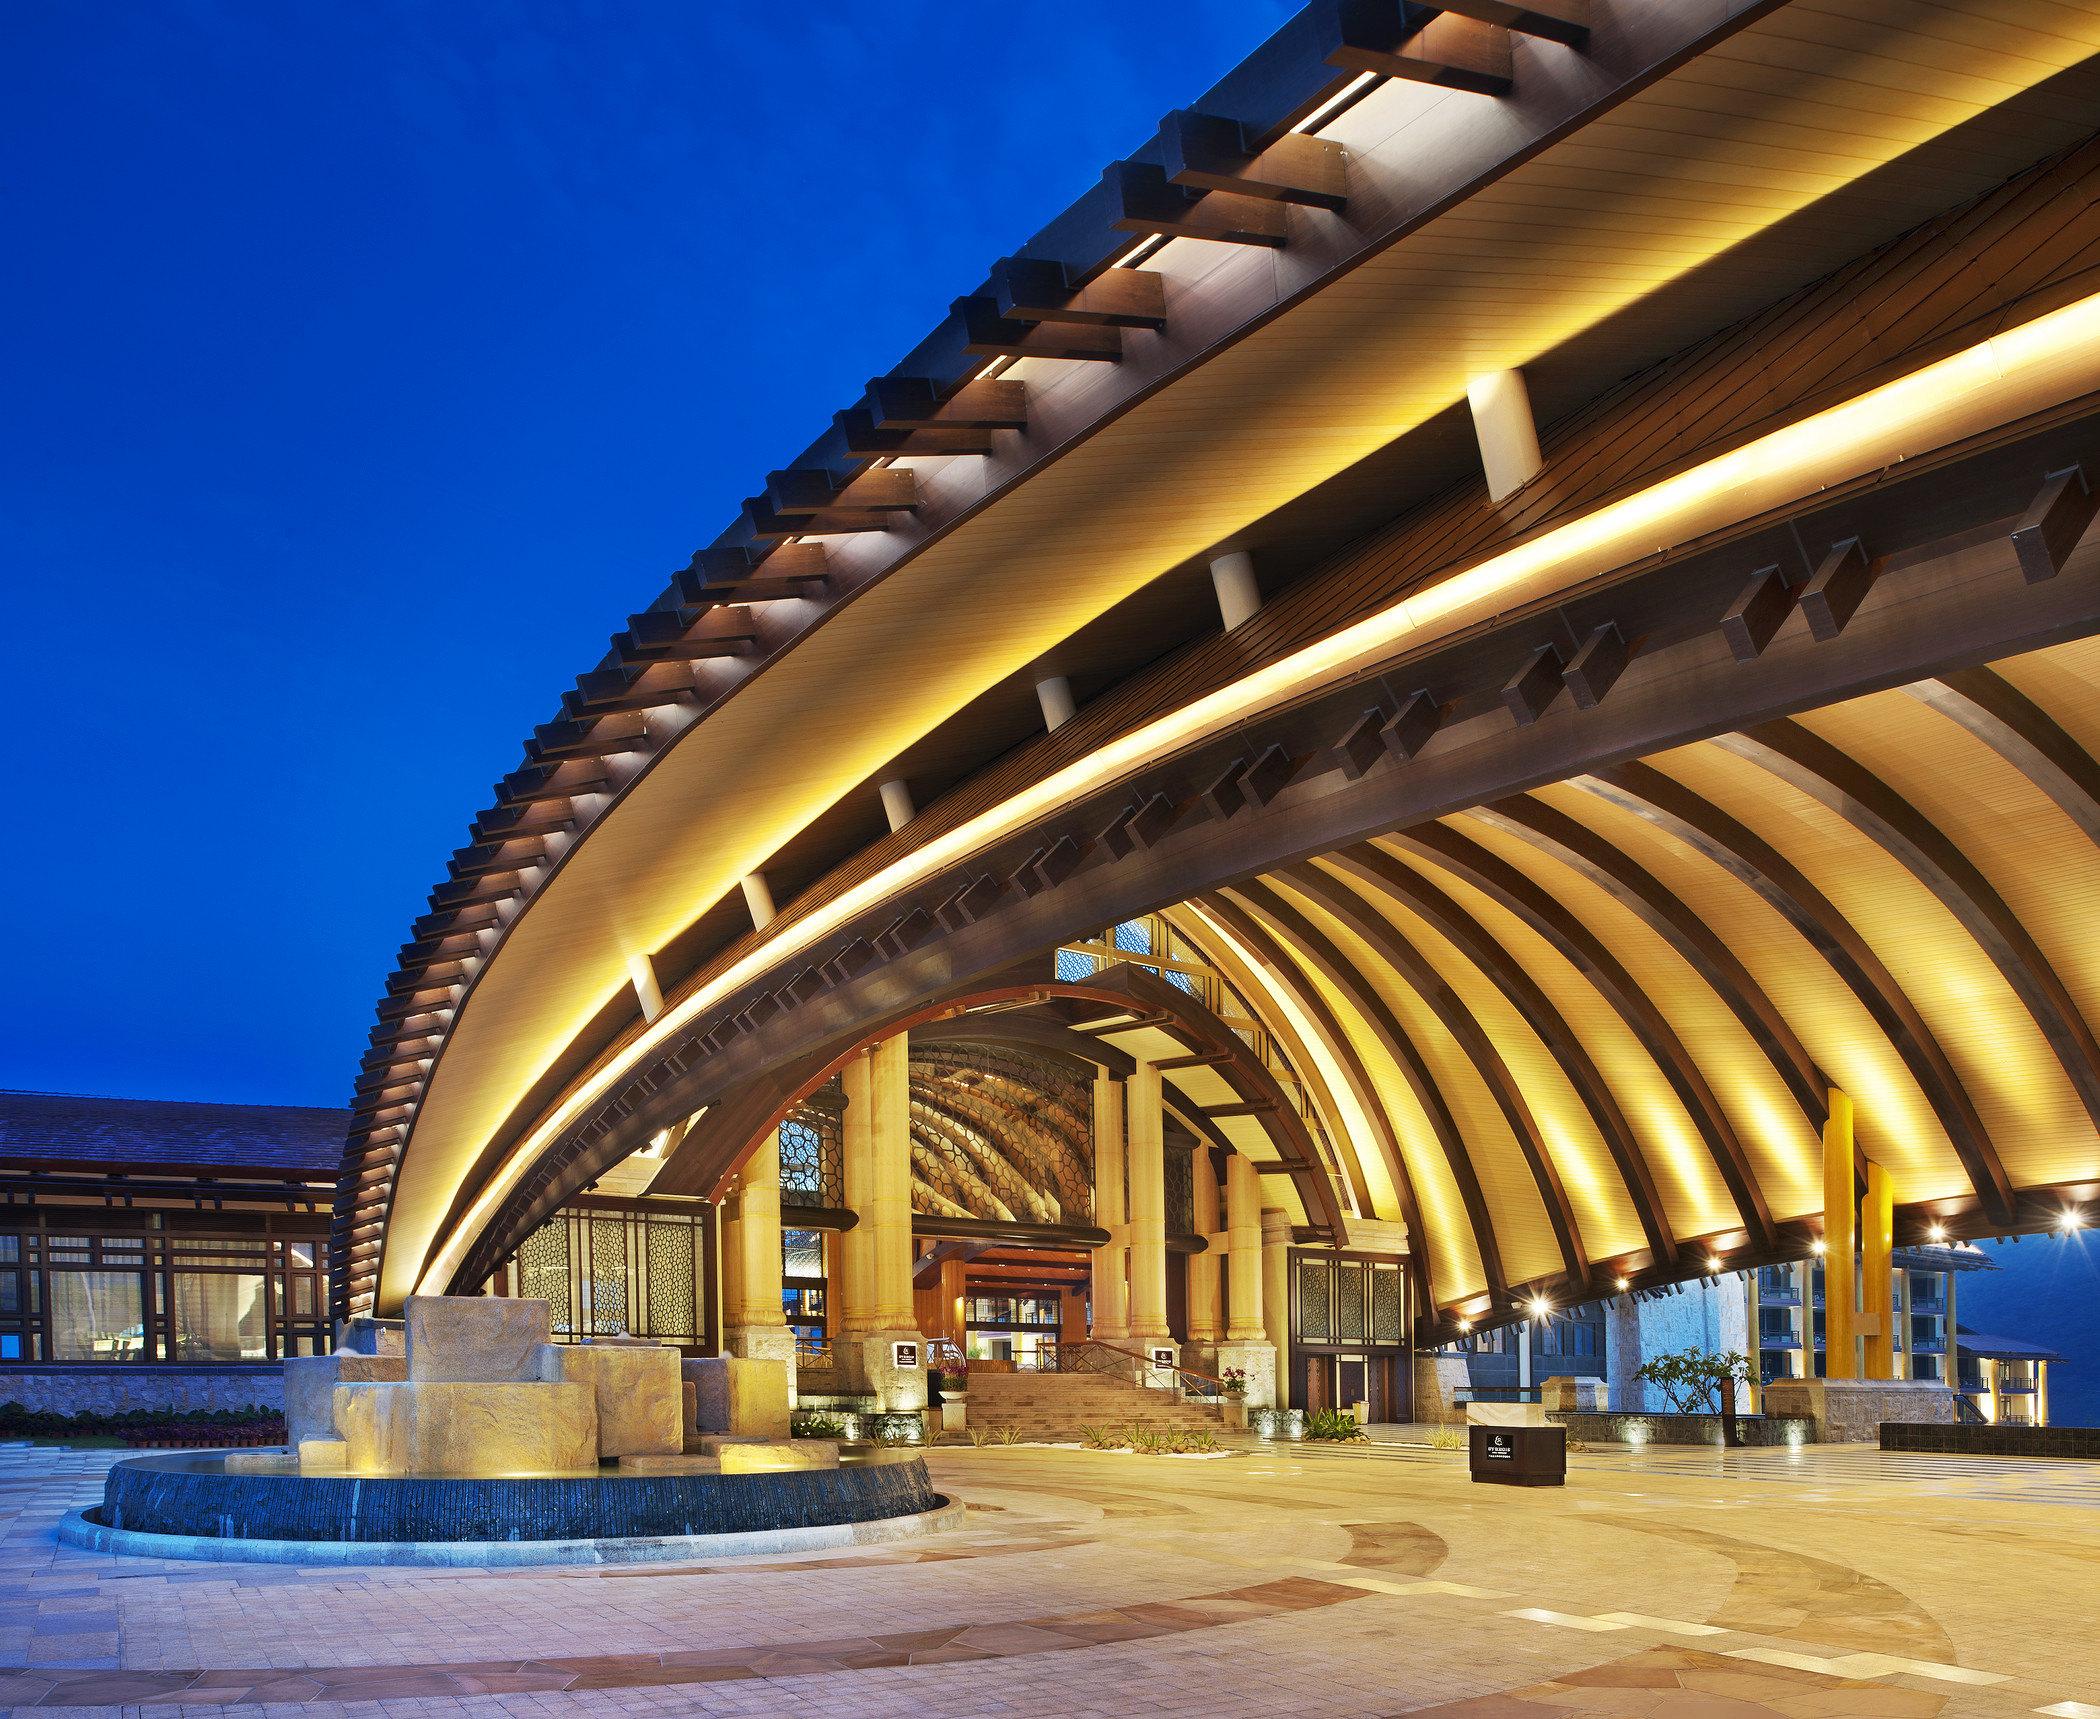 三亚亚龙湾瑞吉海景别墅酒店